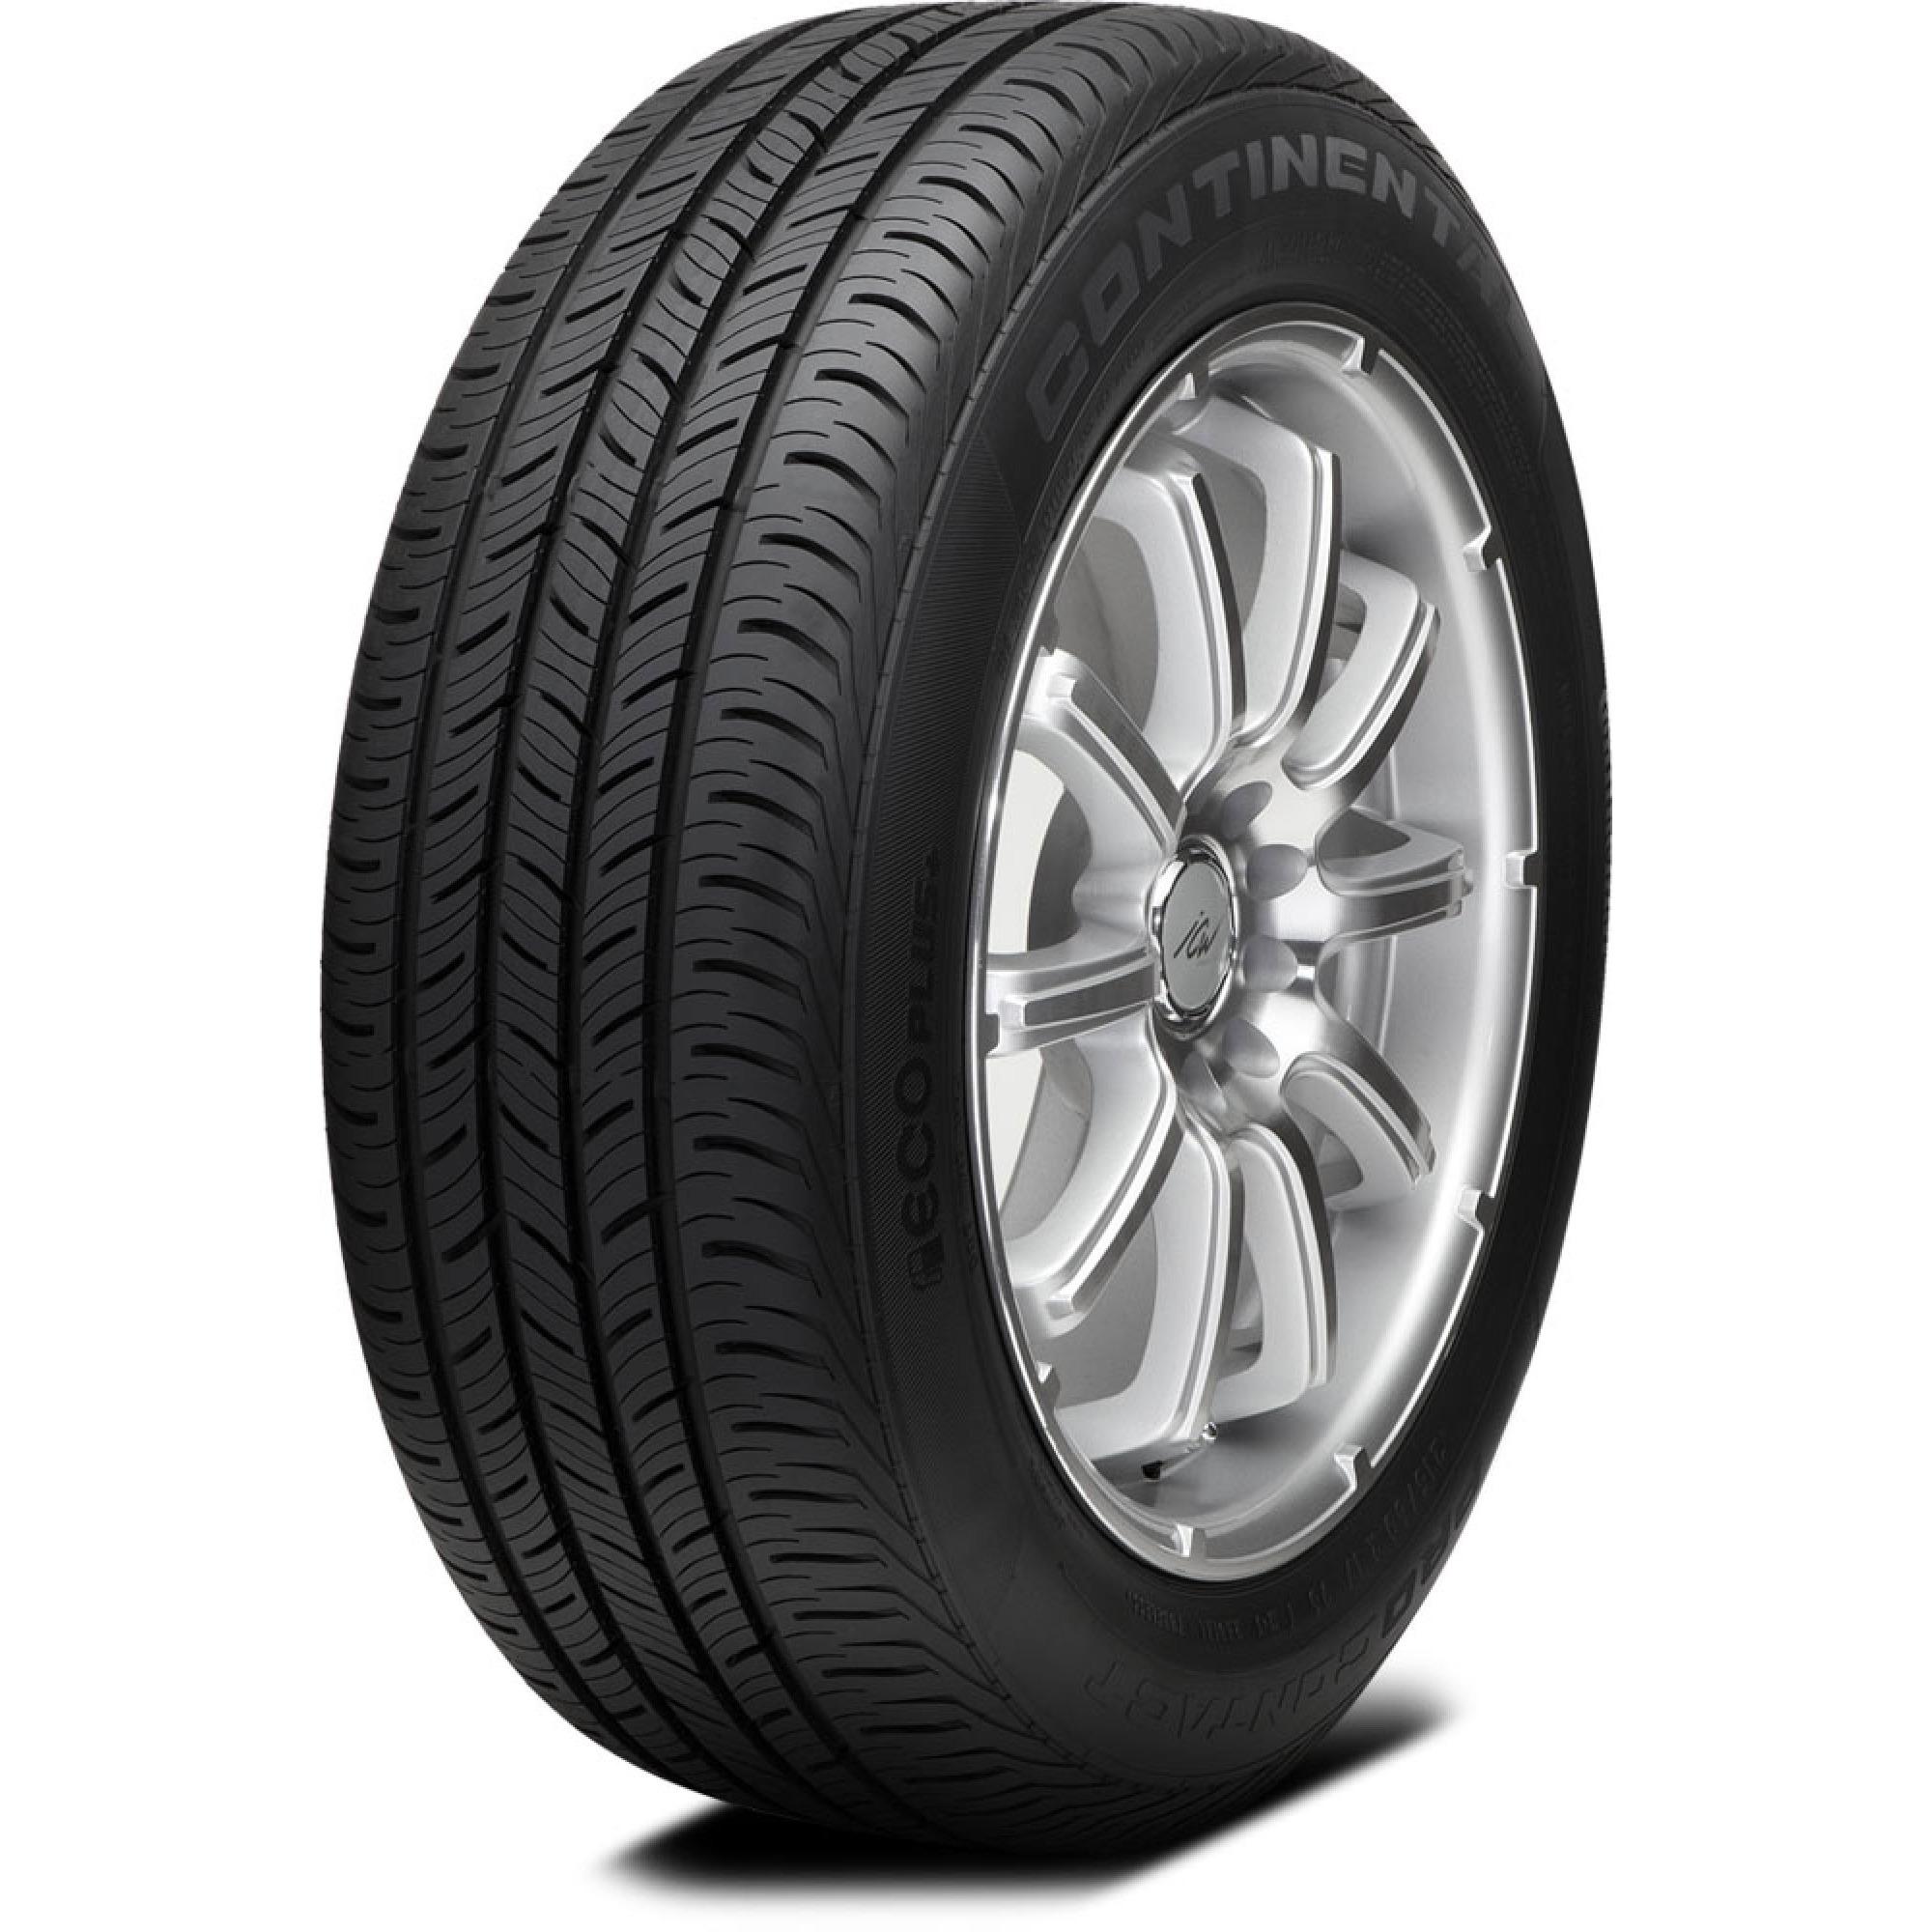 CONTINENTAL-38555-R-195-3-HT3-EcoPlus-156J-TL-Tehergepkocsi-Pot-gumi